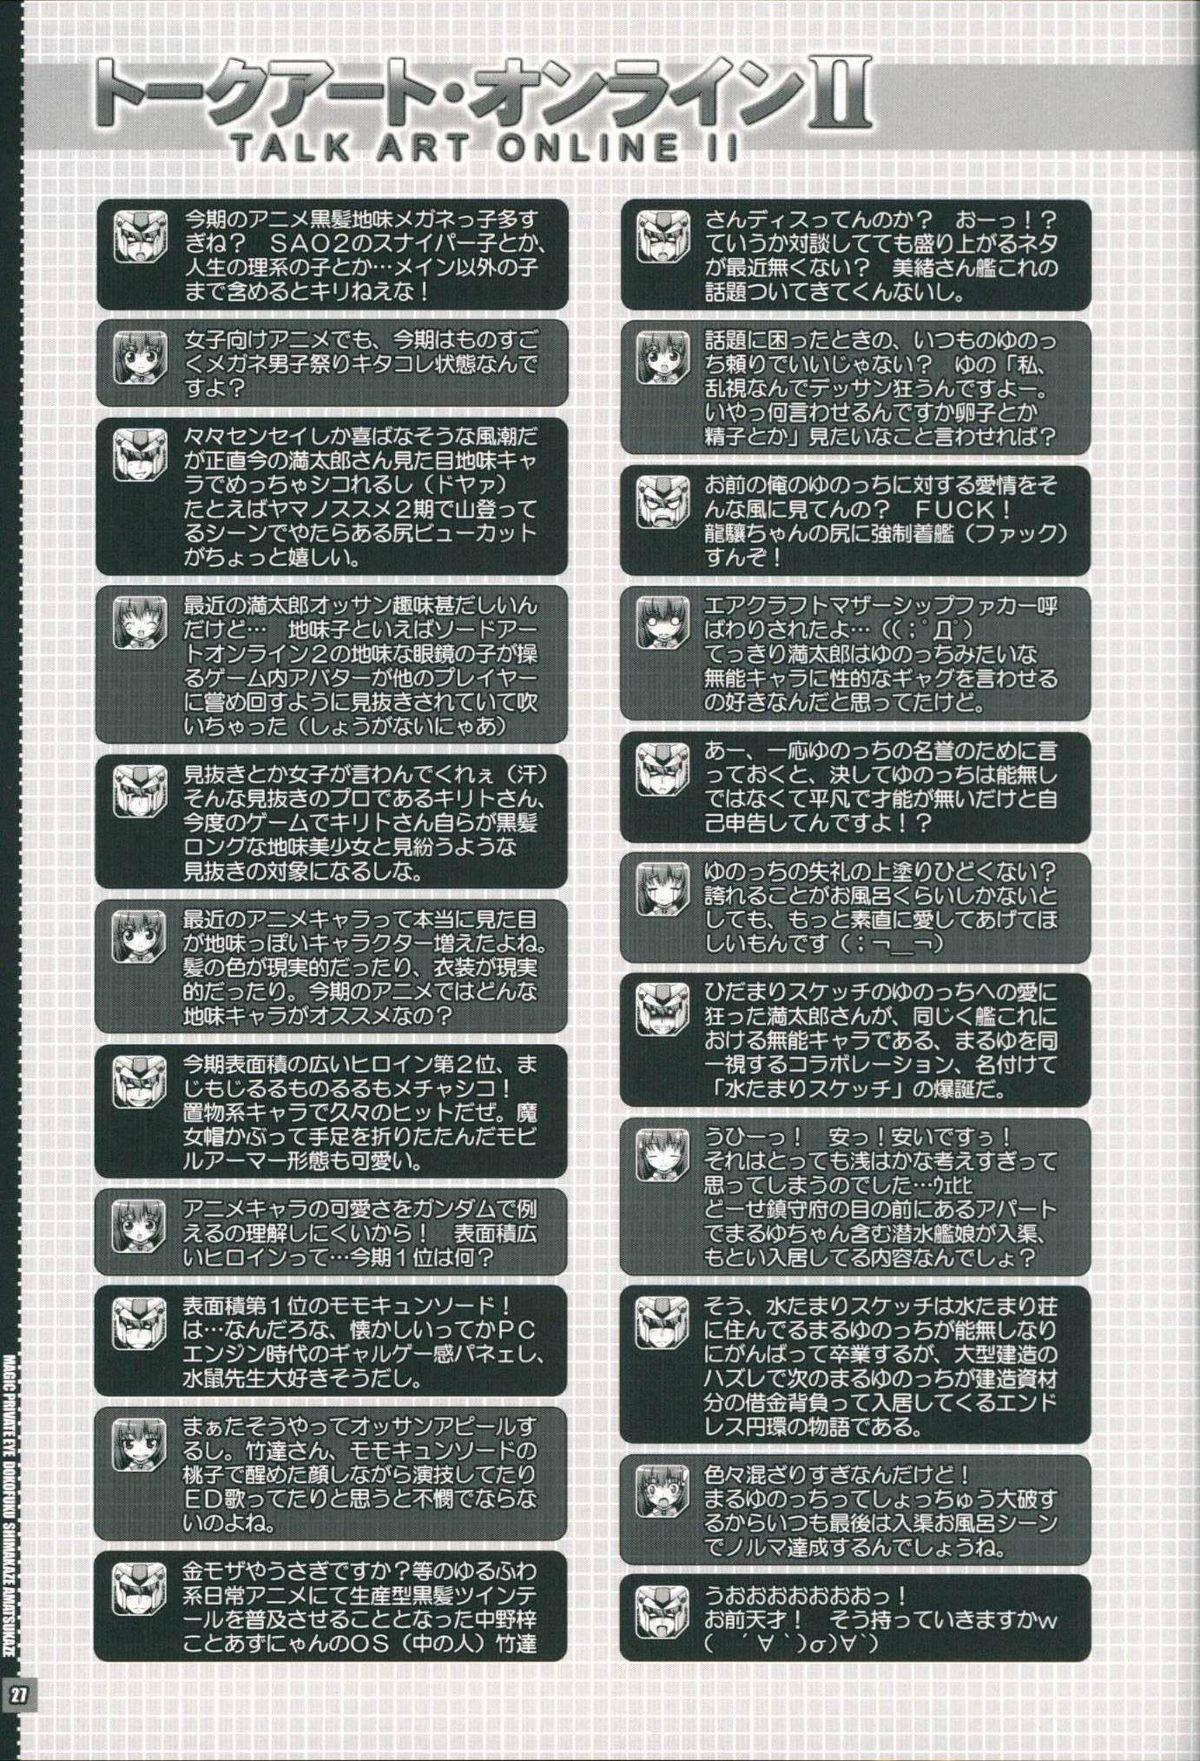 Kanmusu wa H Daisuki 3 Doko Fuku Shimakaze Amatsukaze 25